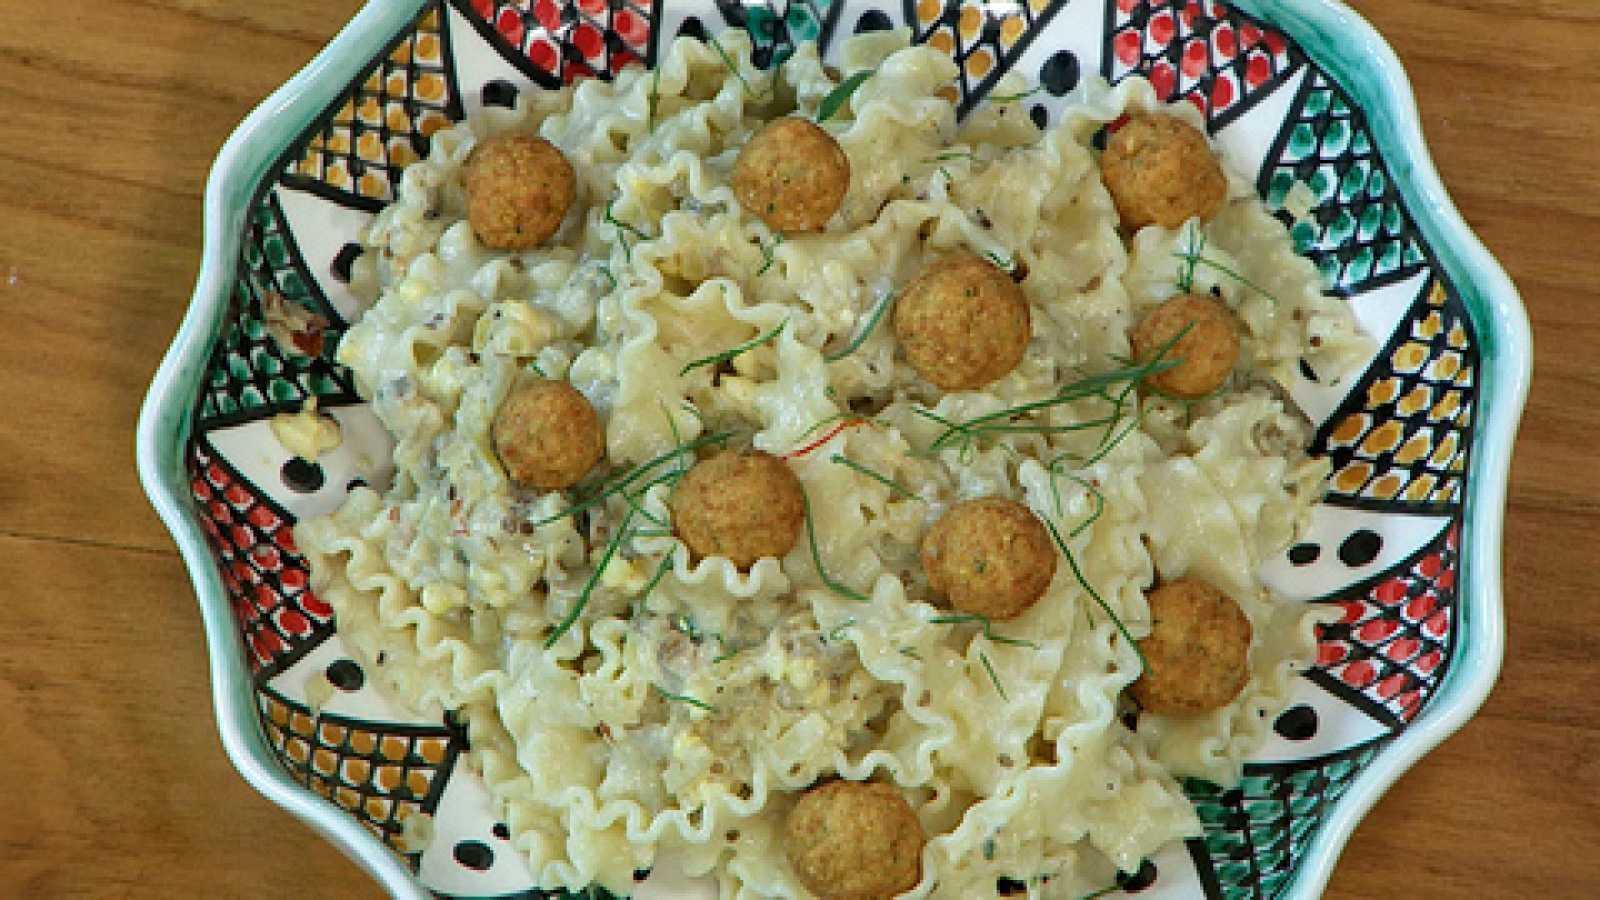 Torres en la cocina - Pasta con berenjenas